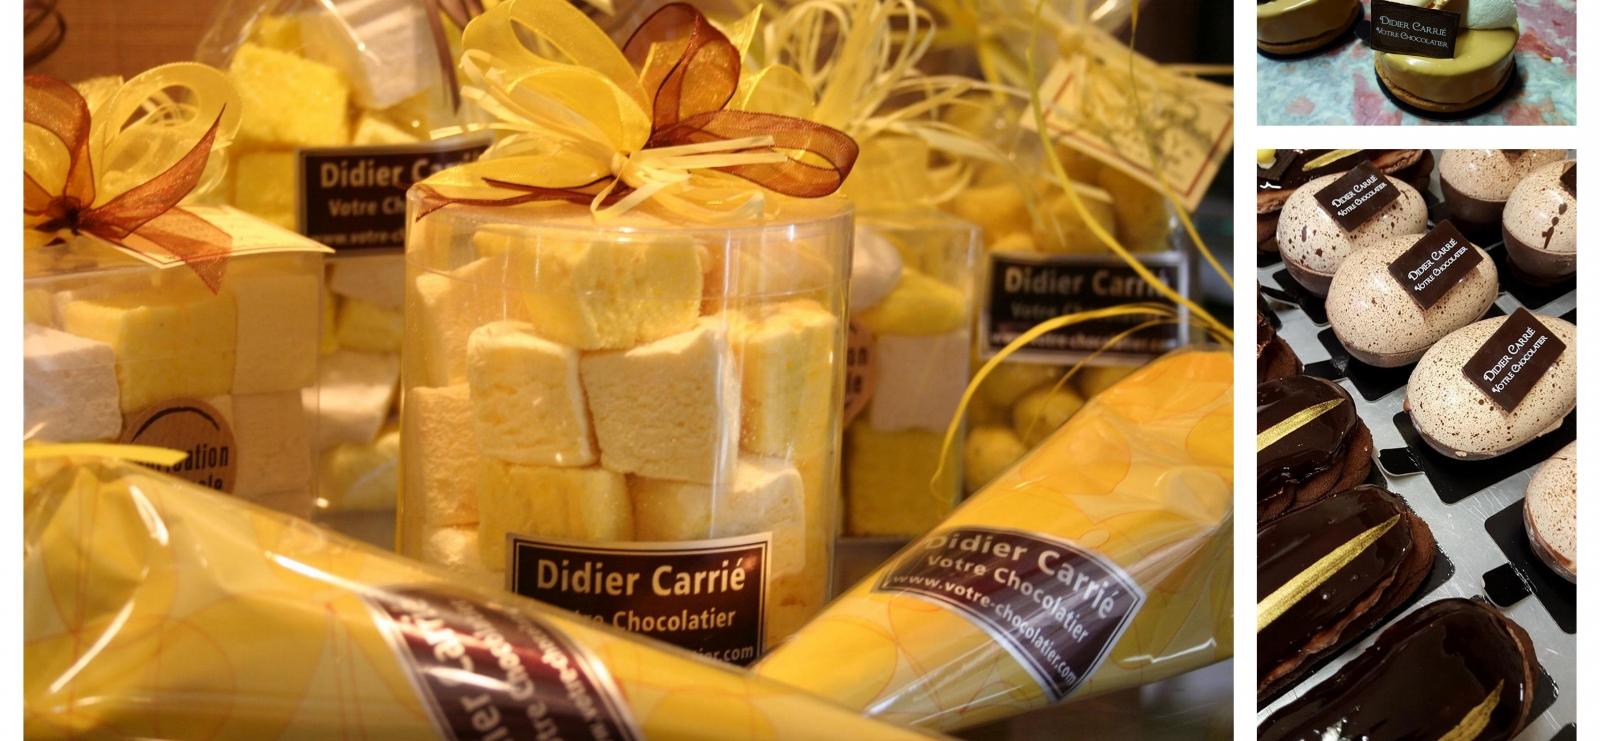 Le Palet d'Or - Didier Carrié